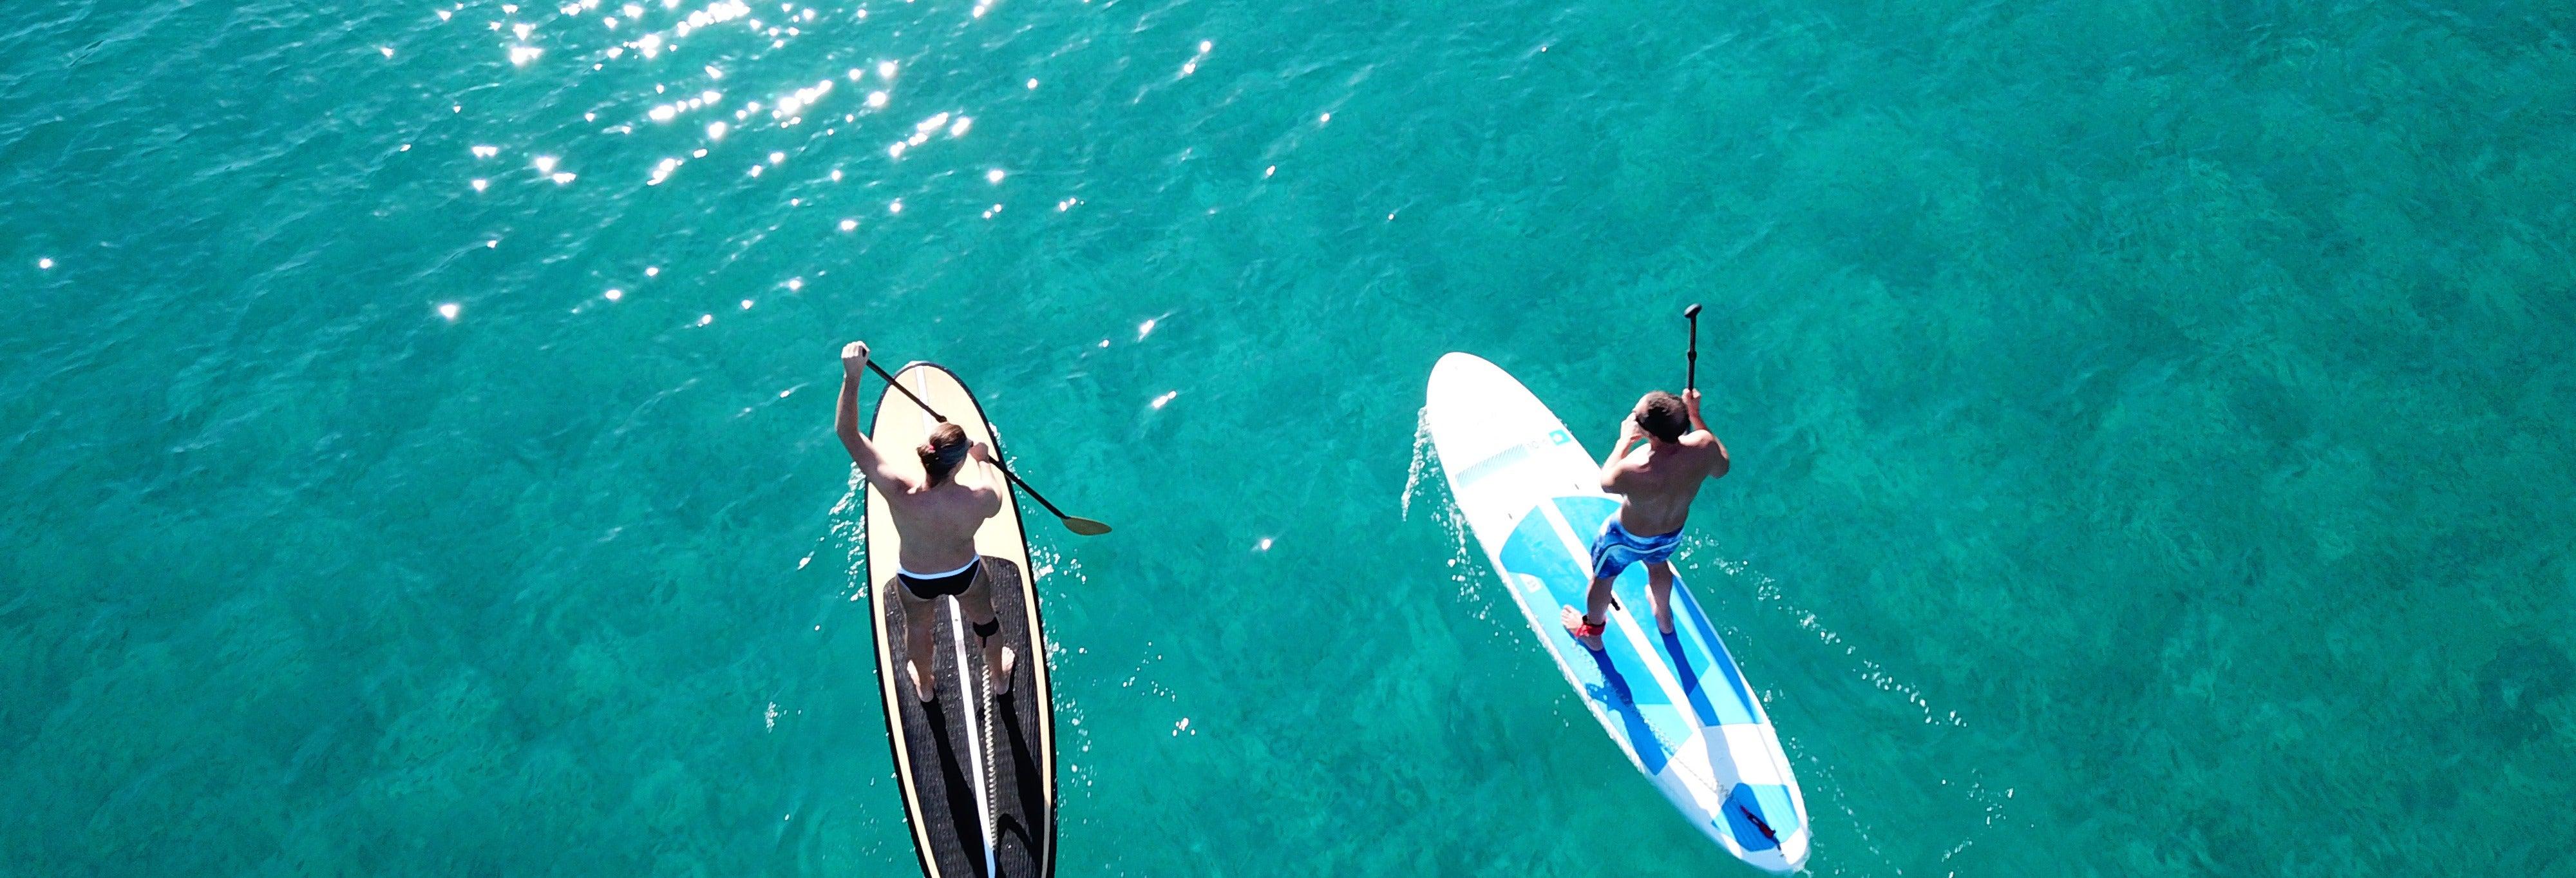 Excursion en paddle surf à Double Island Point